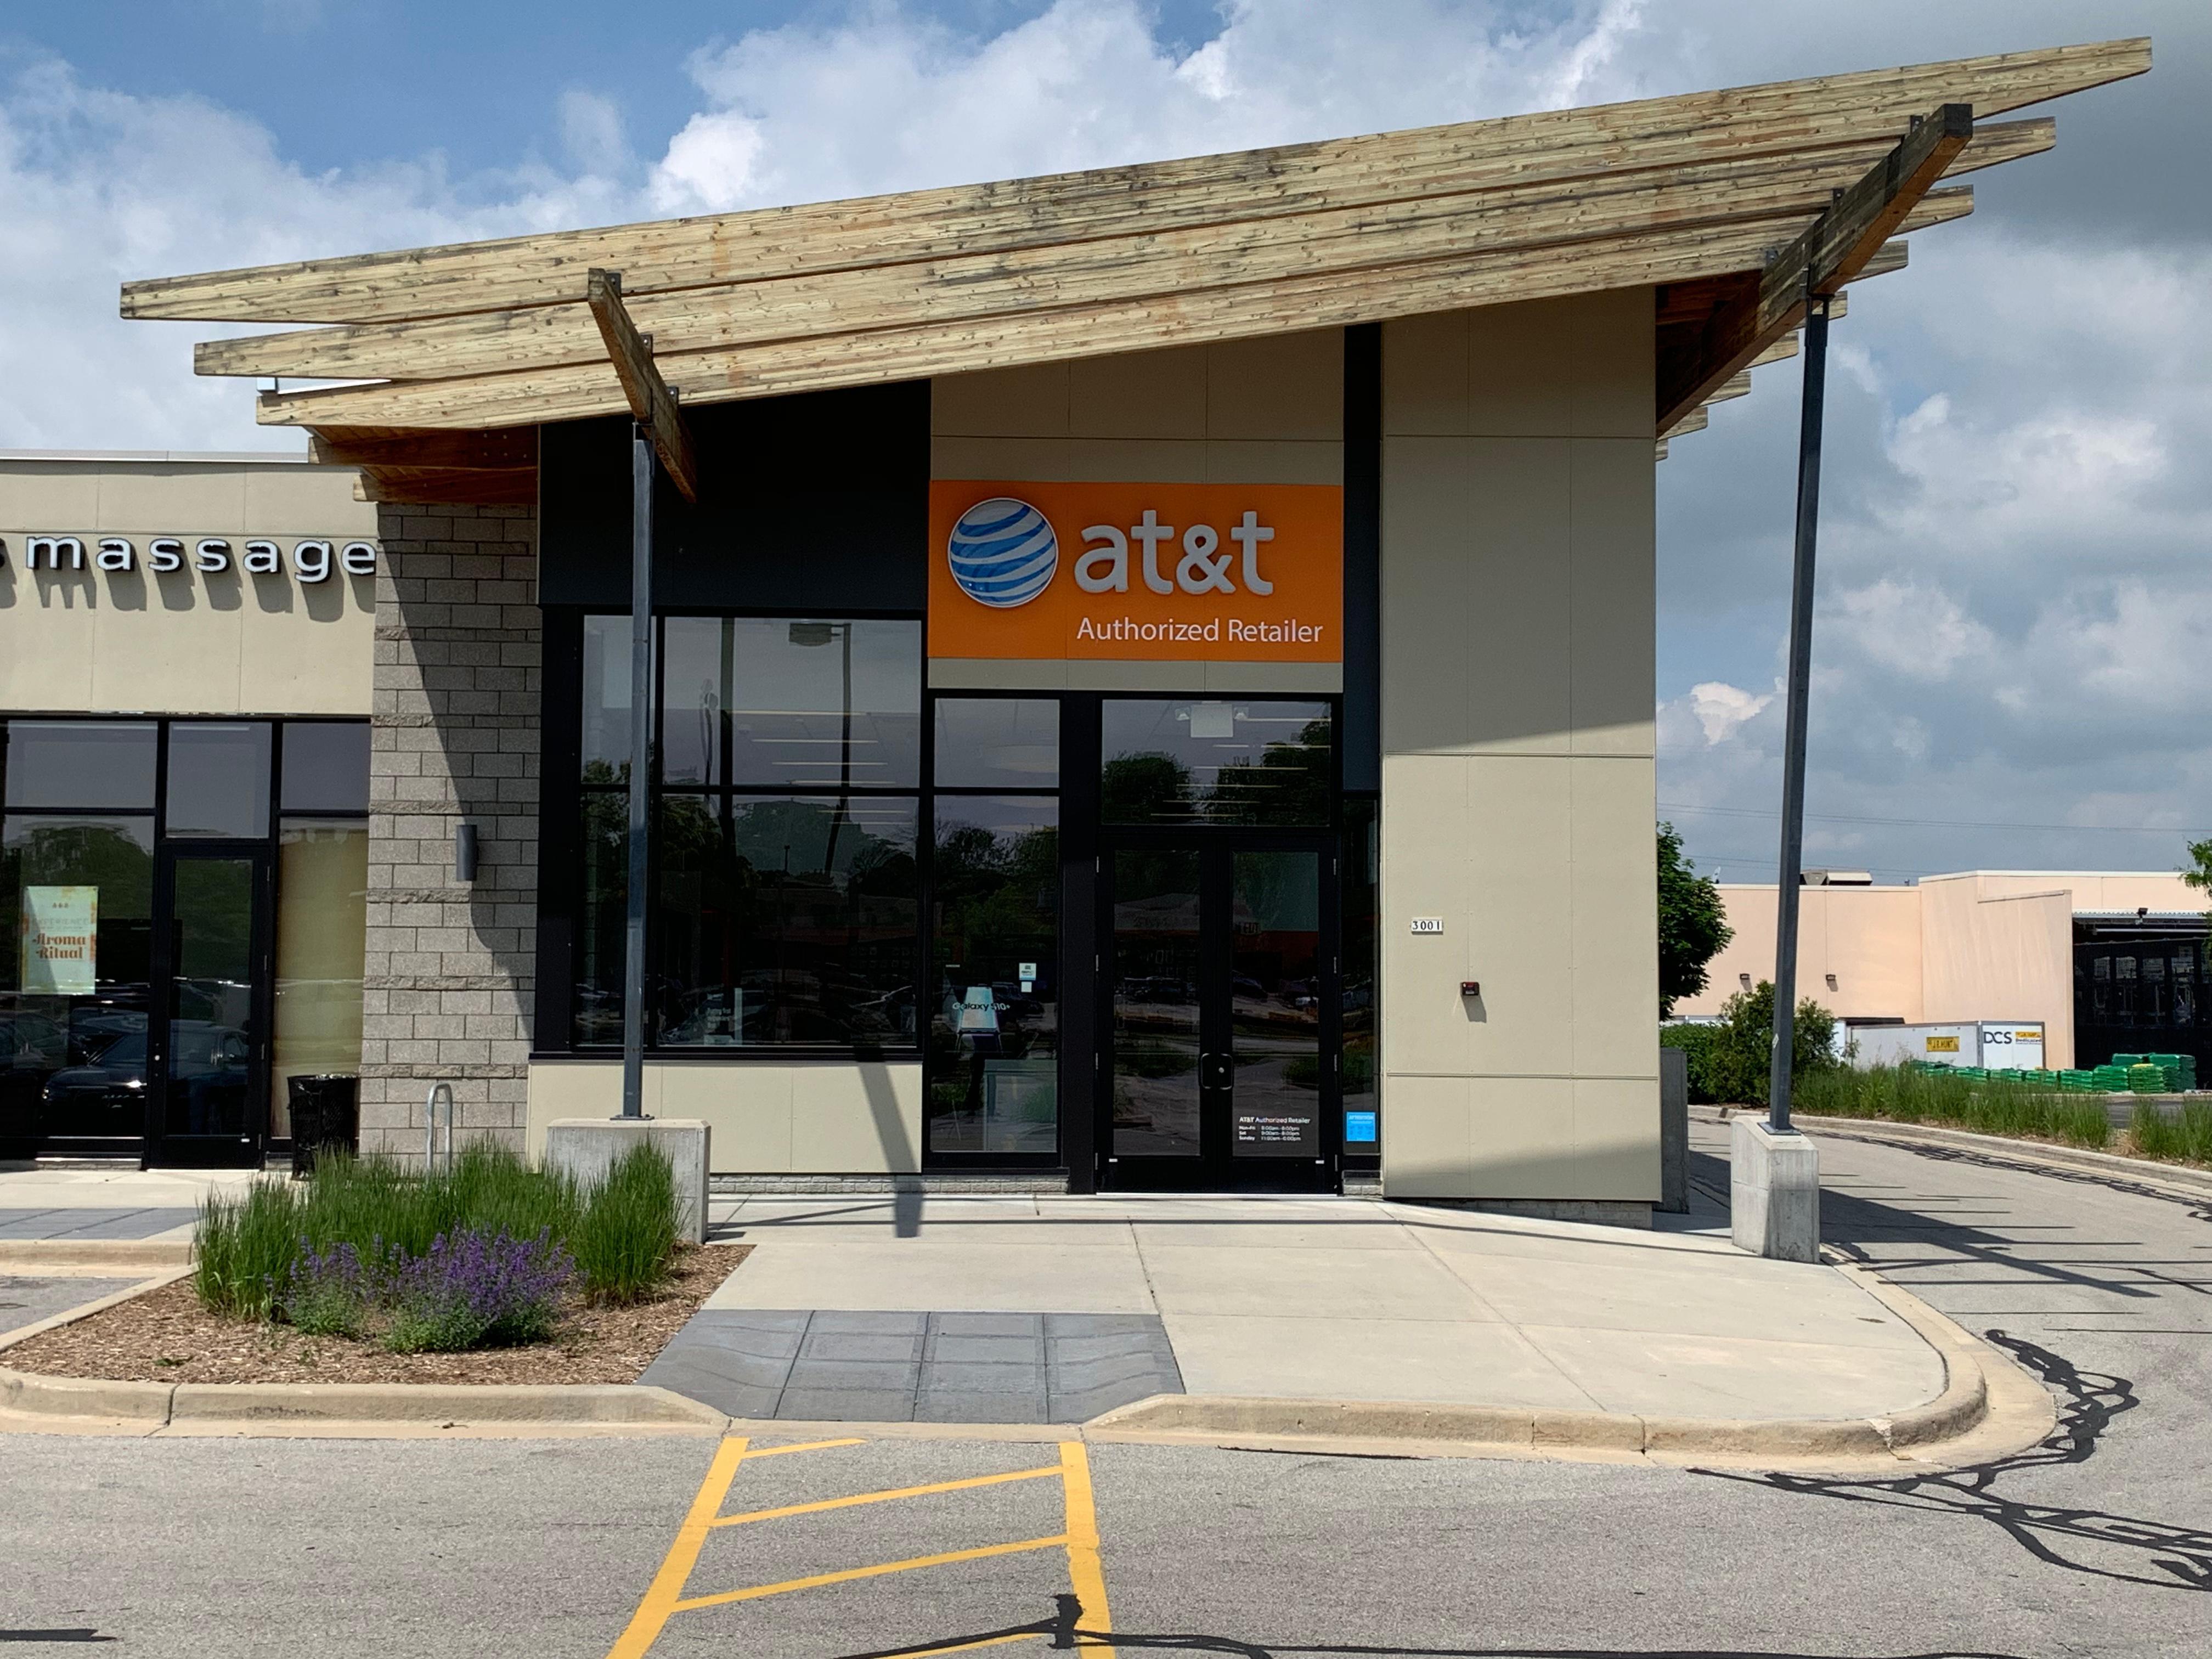 AT&T 3001 S 108th St, West Allis